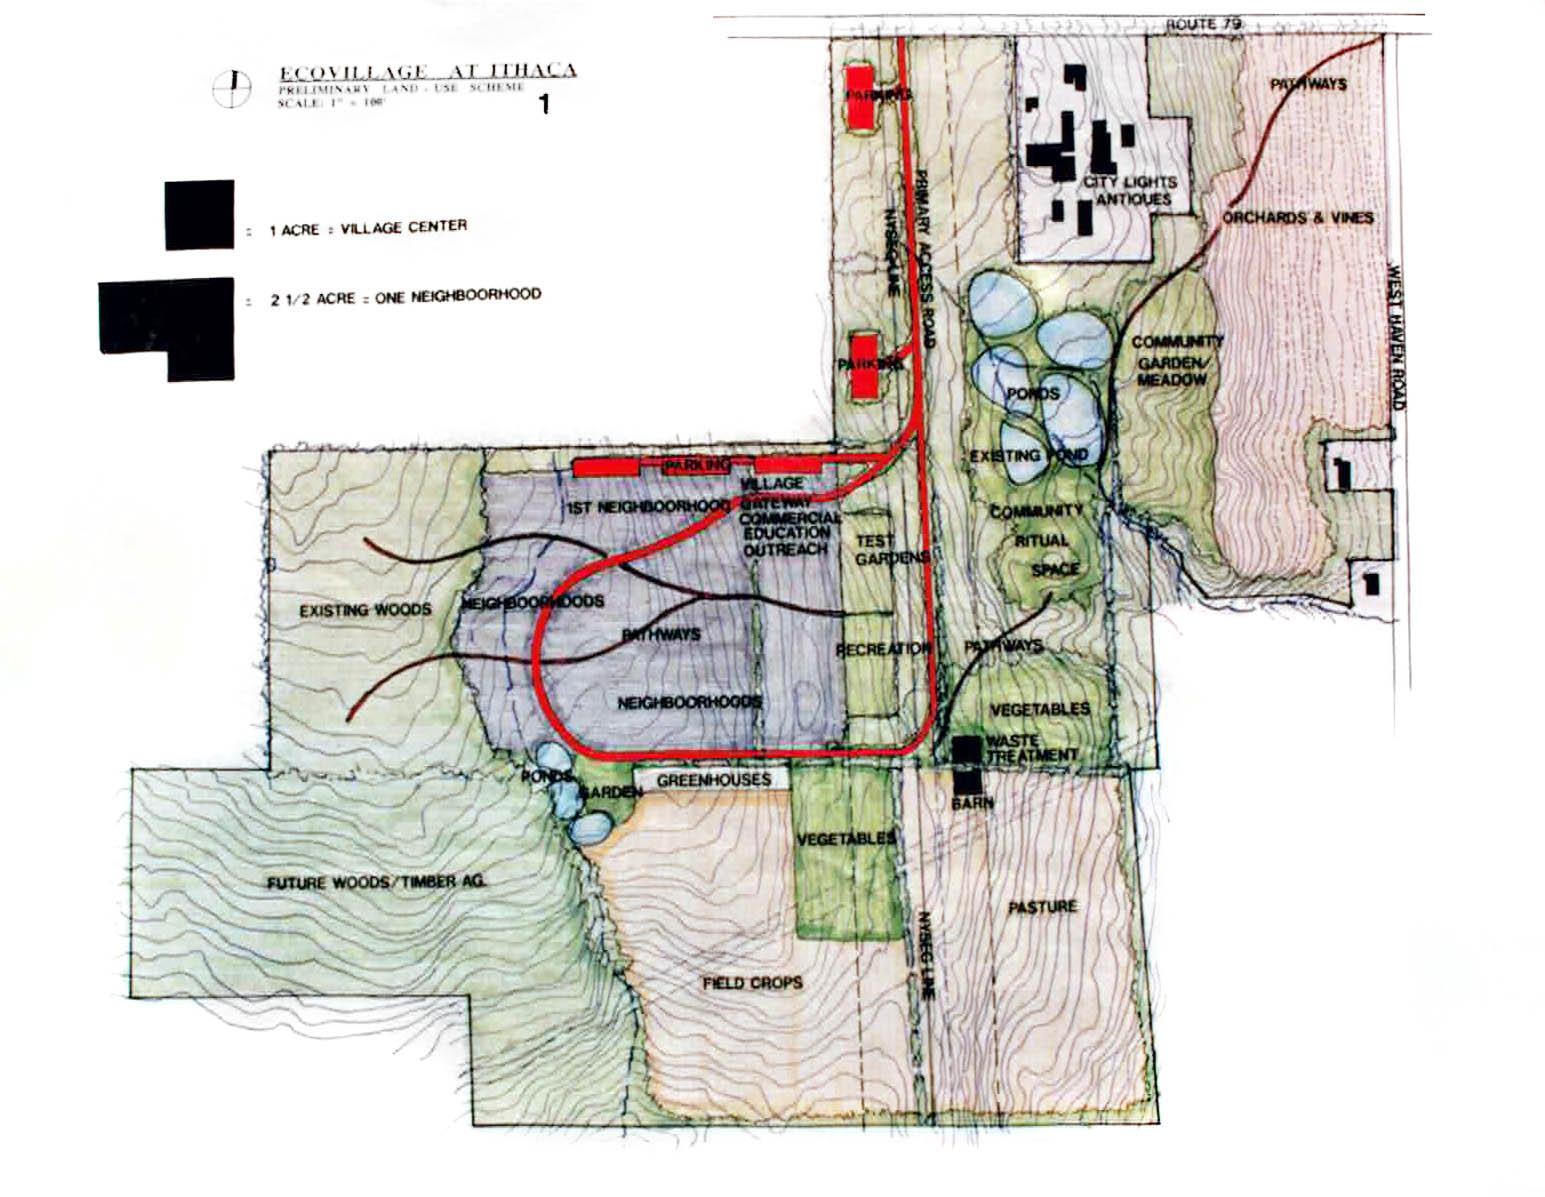 Ecovillage at Ithaca-Prelim-land use scheme-1993-1.jpg